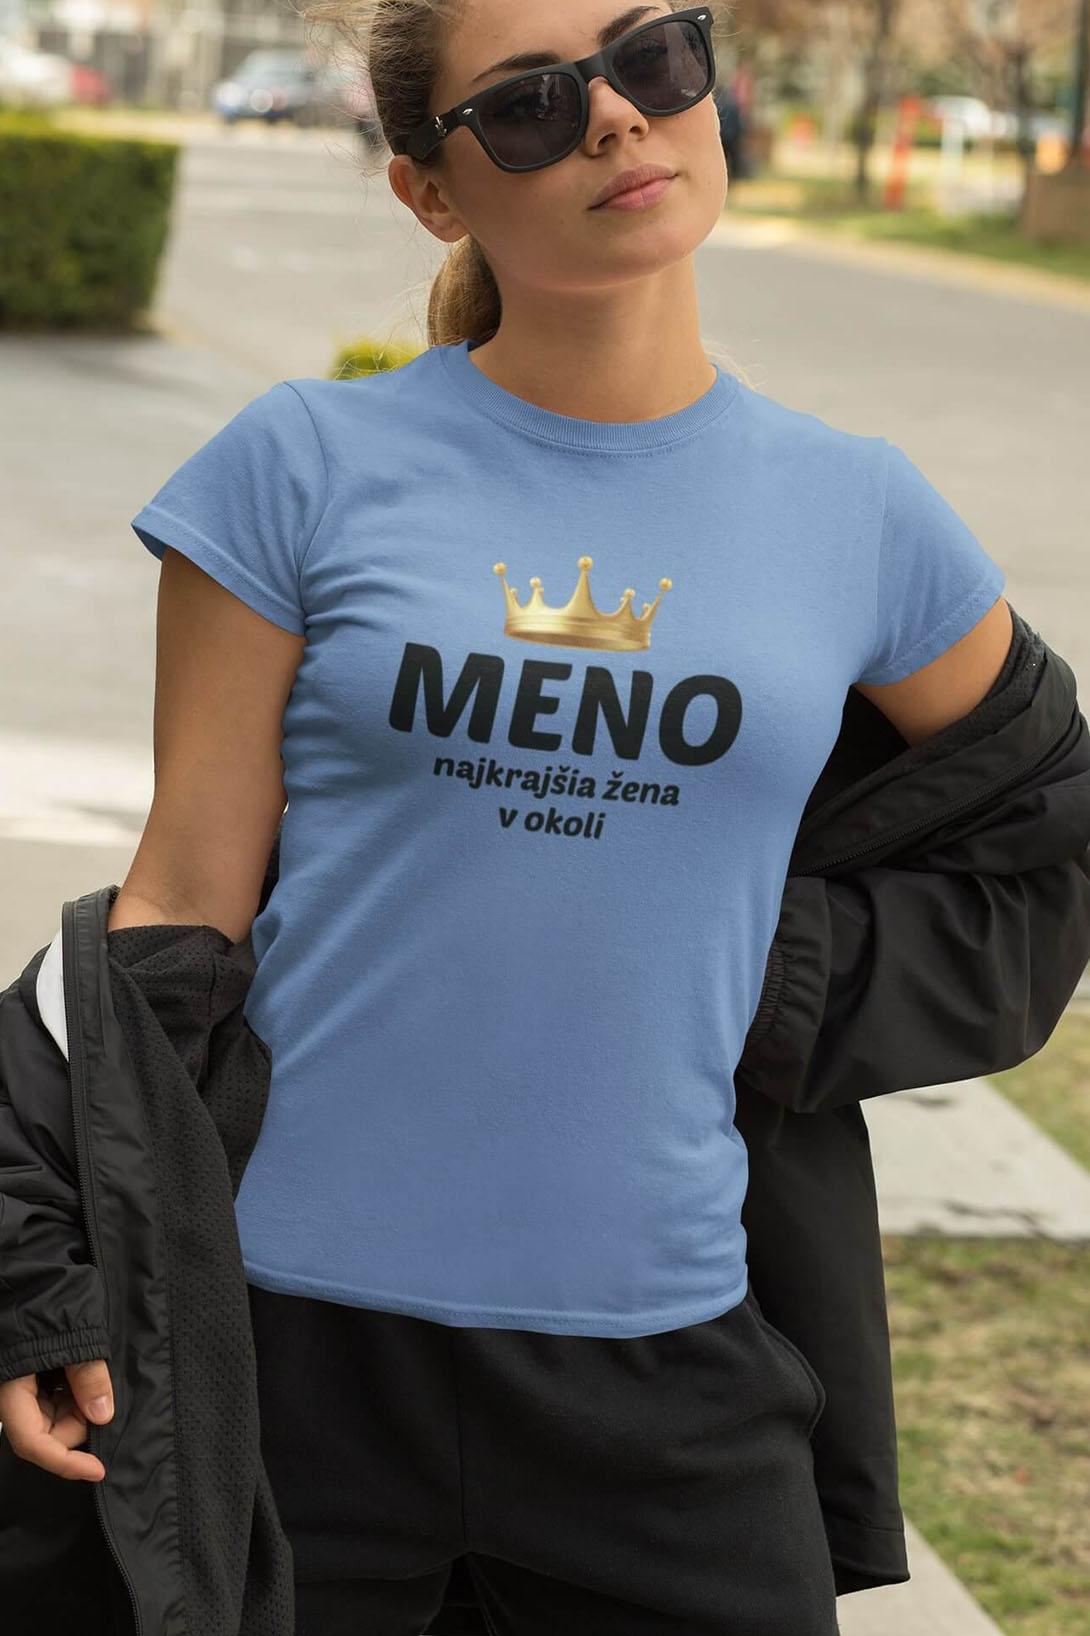 MMO Dámske tričko Najkrajšia žena v okolí Vyberte farbu: Tmavá bridlica, Vyberte veľkosť: M